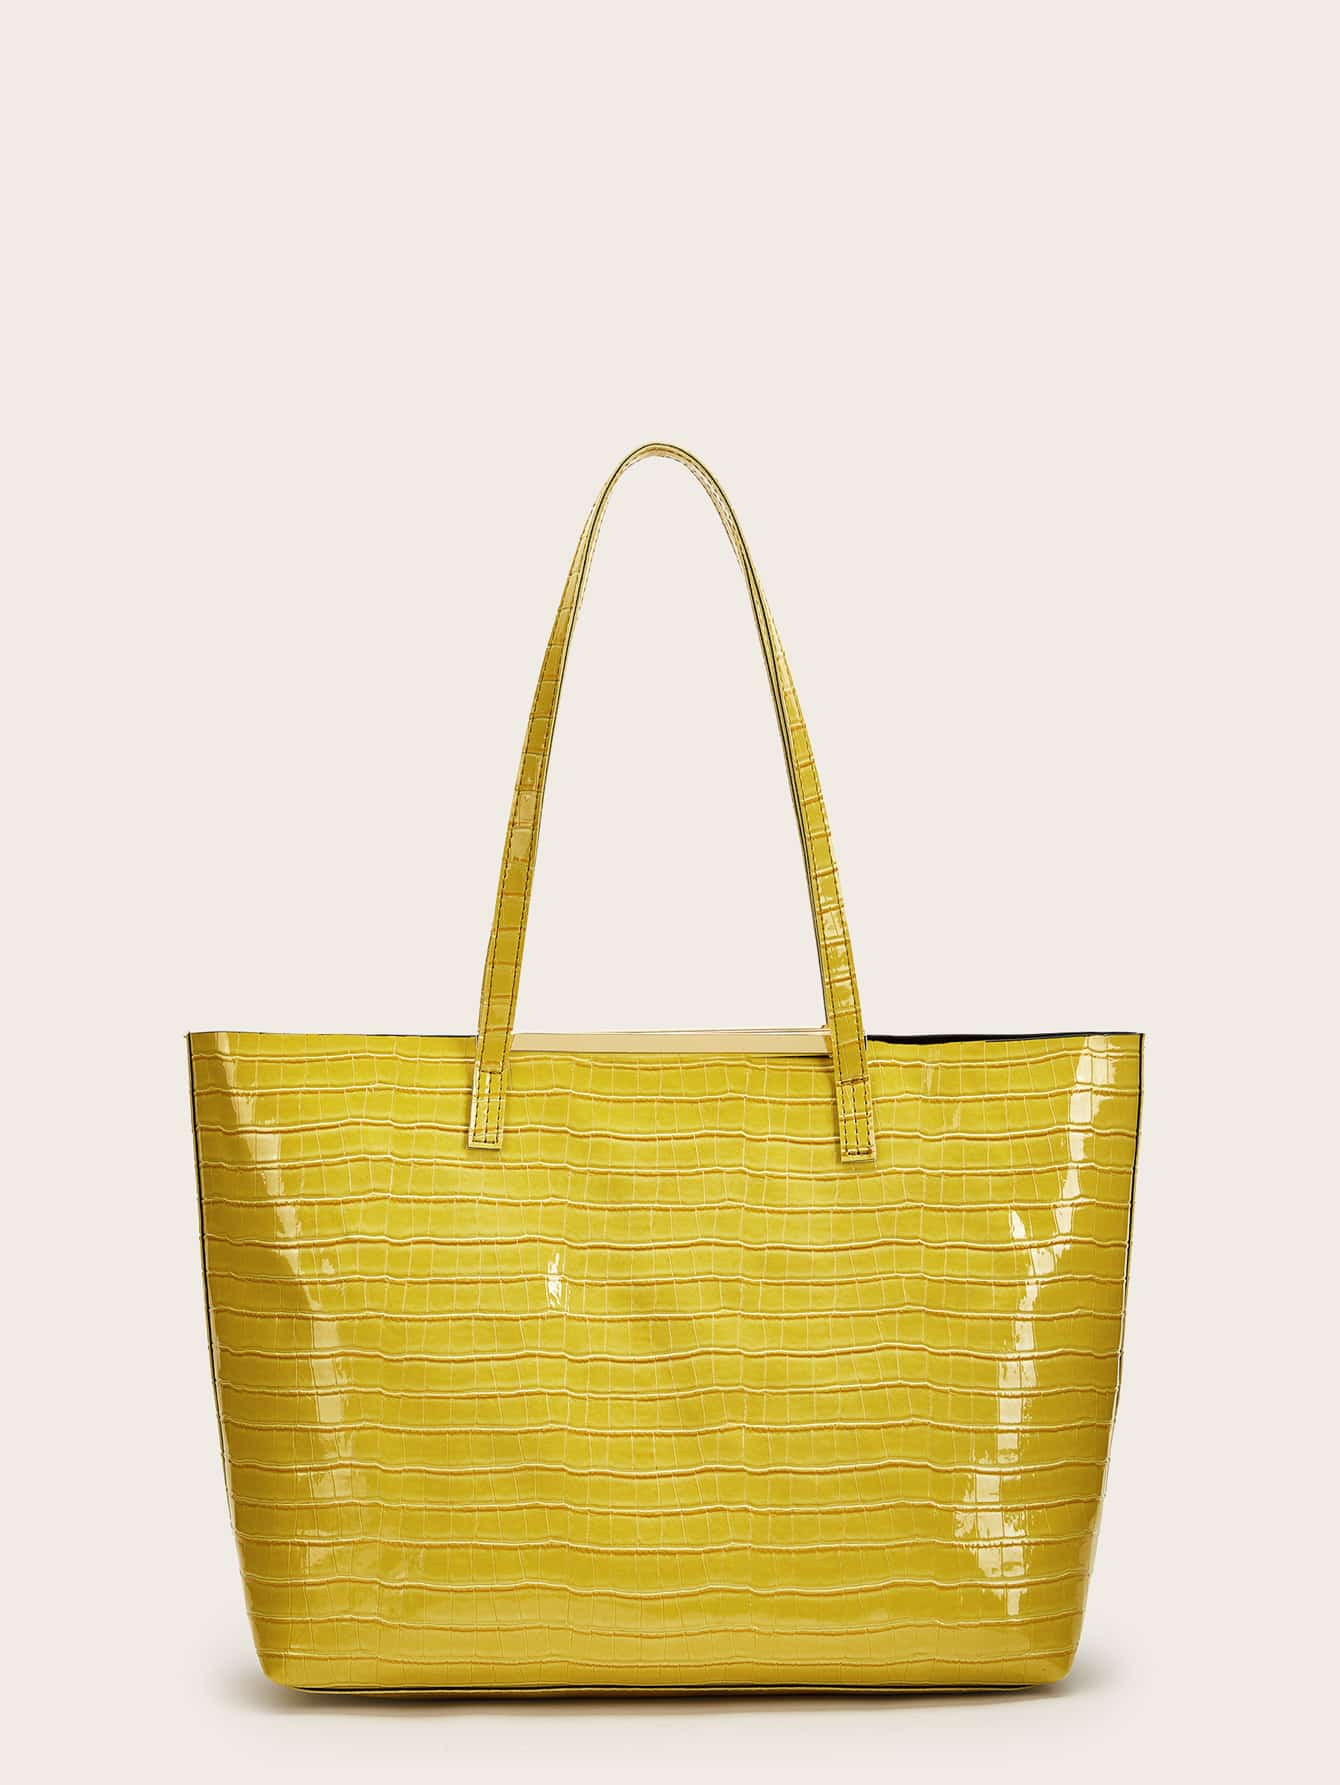 Фото - Крокодиловая патентная большая сумка от SheIn цвет жёлтый